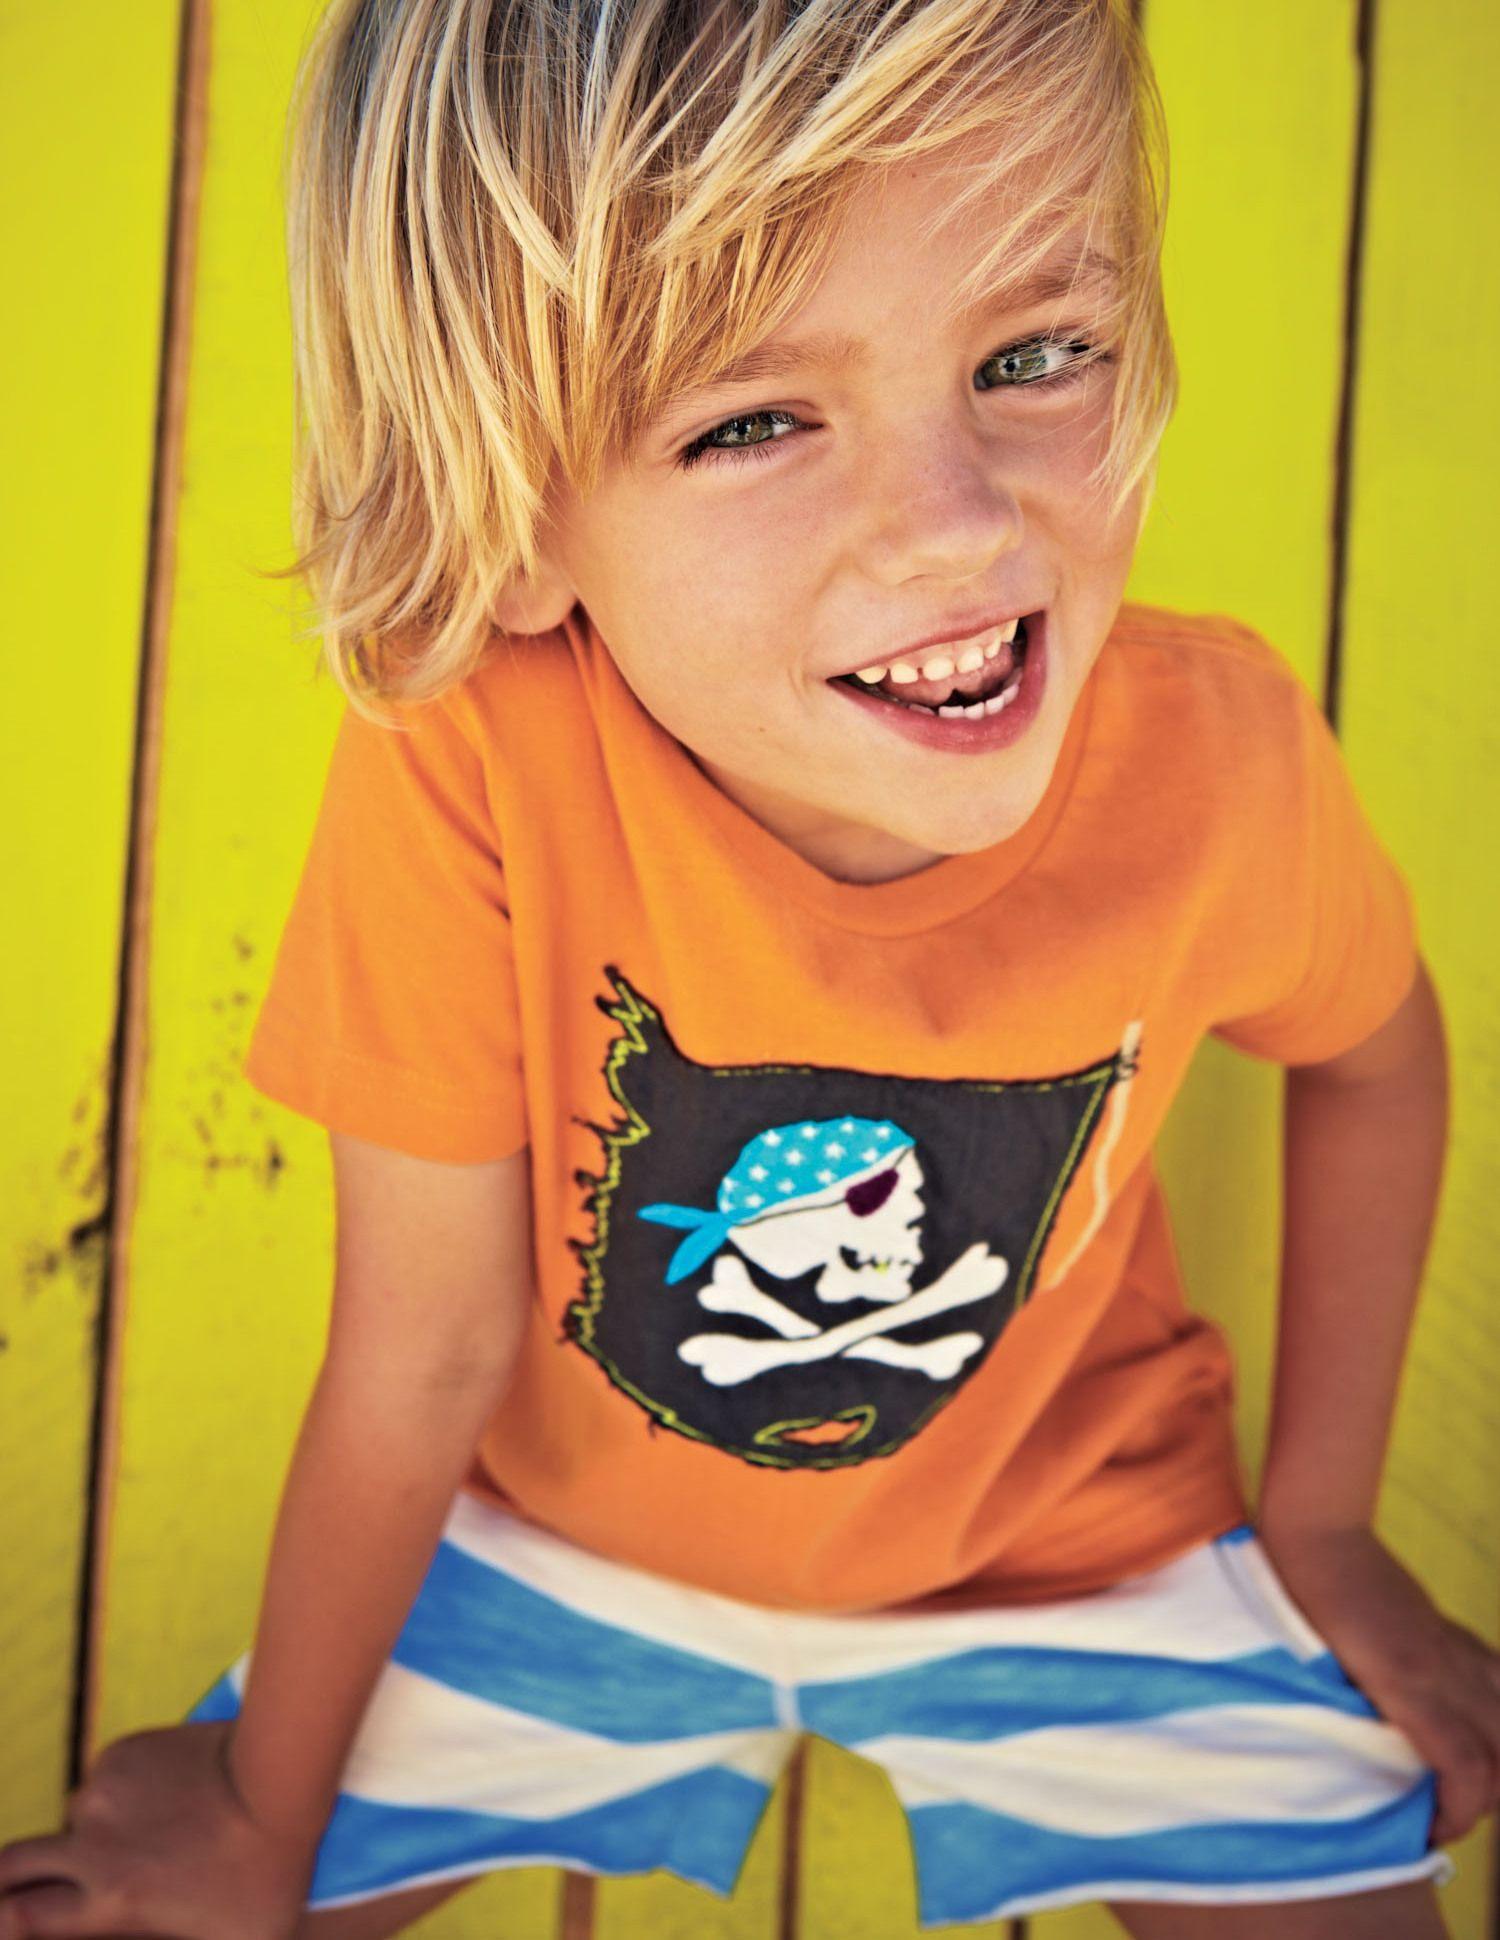 Punaise De Lit Dans Les Cheveux Luxe Coupe Cheveux Enfant 27 Frais Coiffure Pour Enfants – Trucs Pour